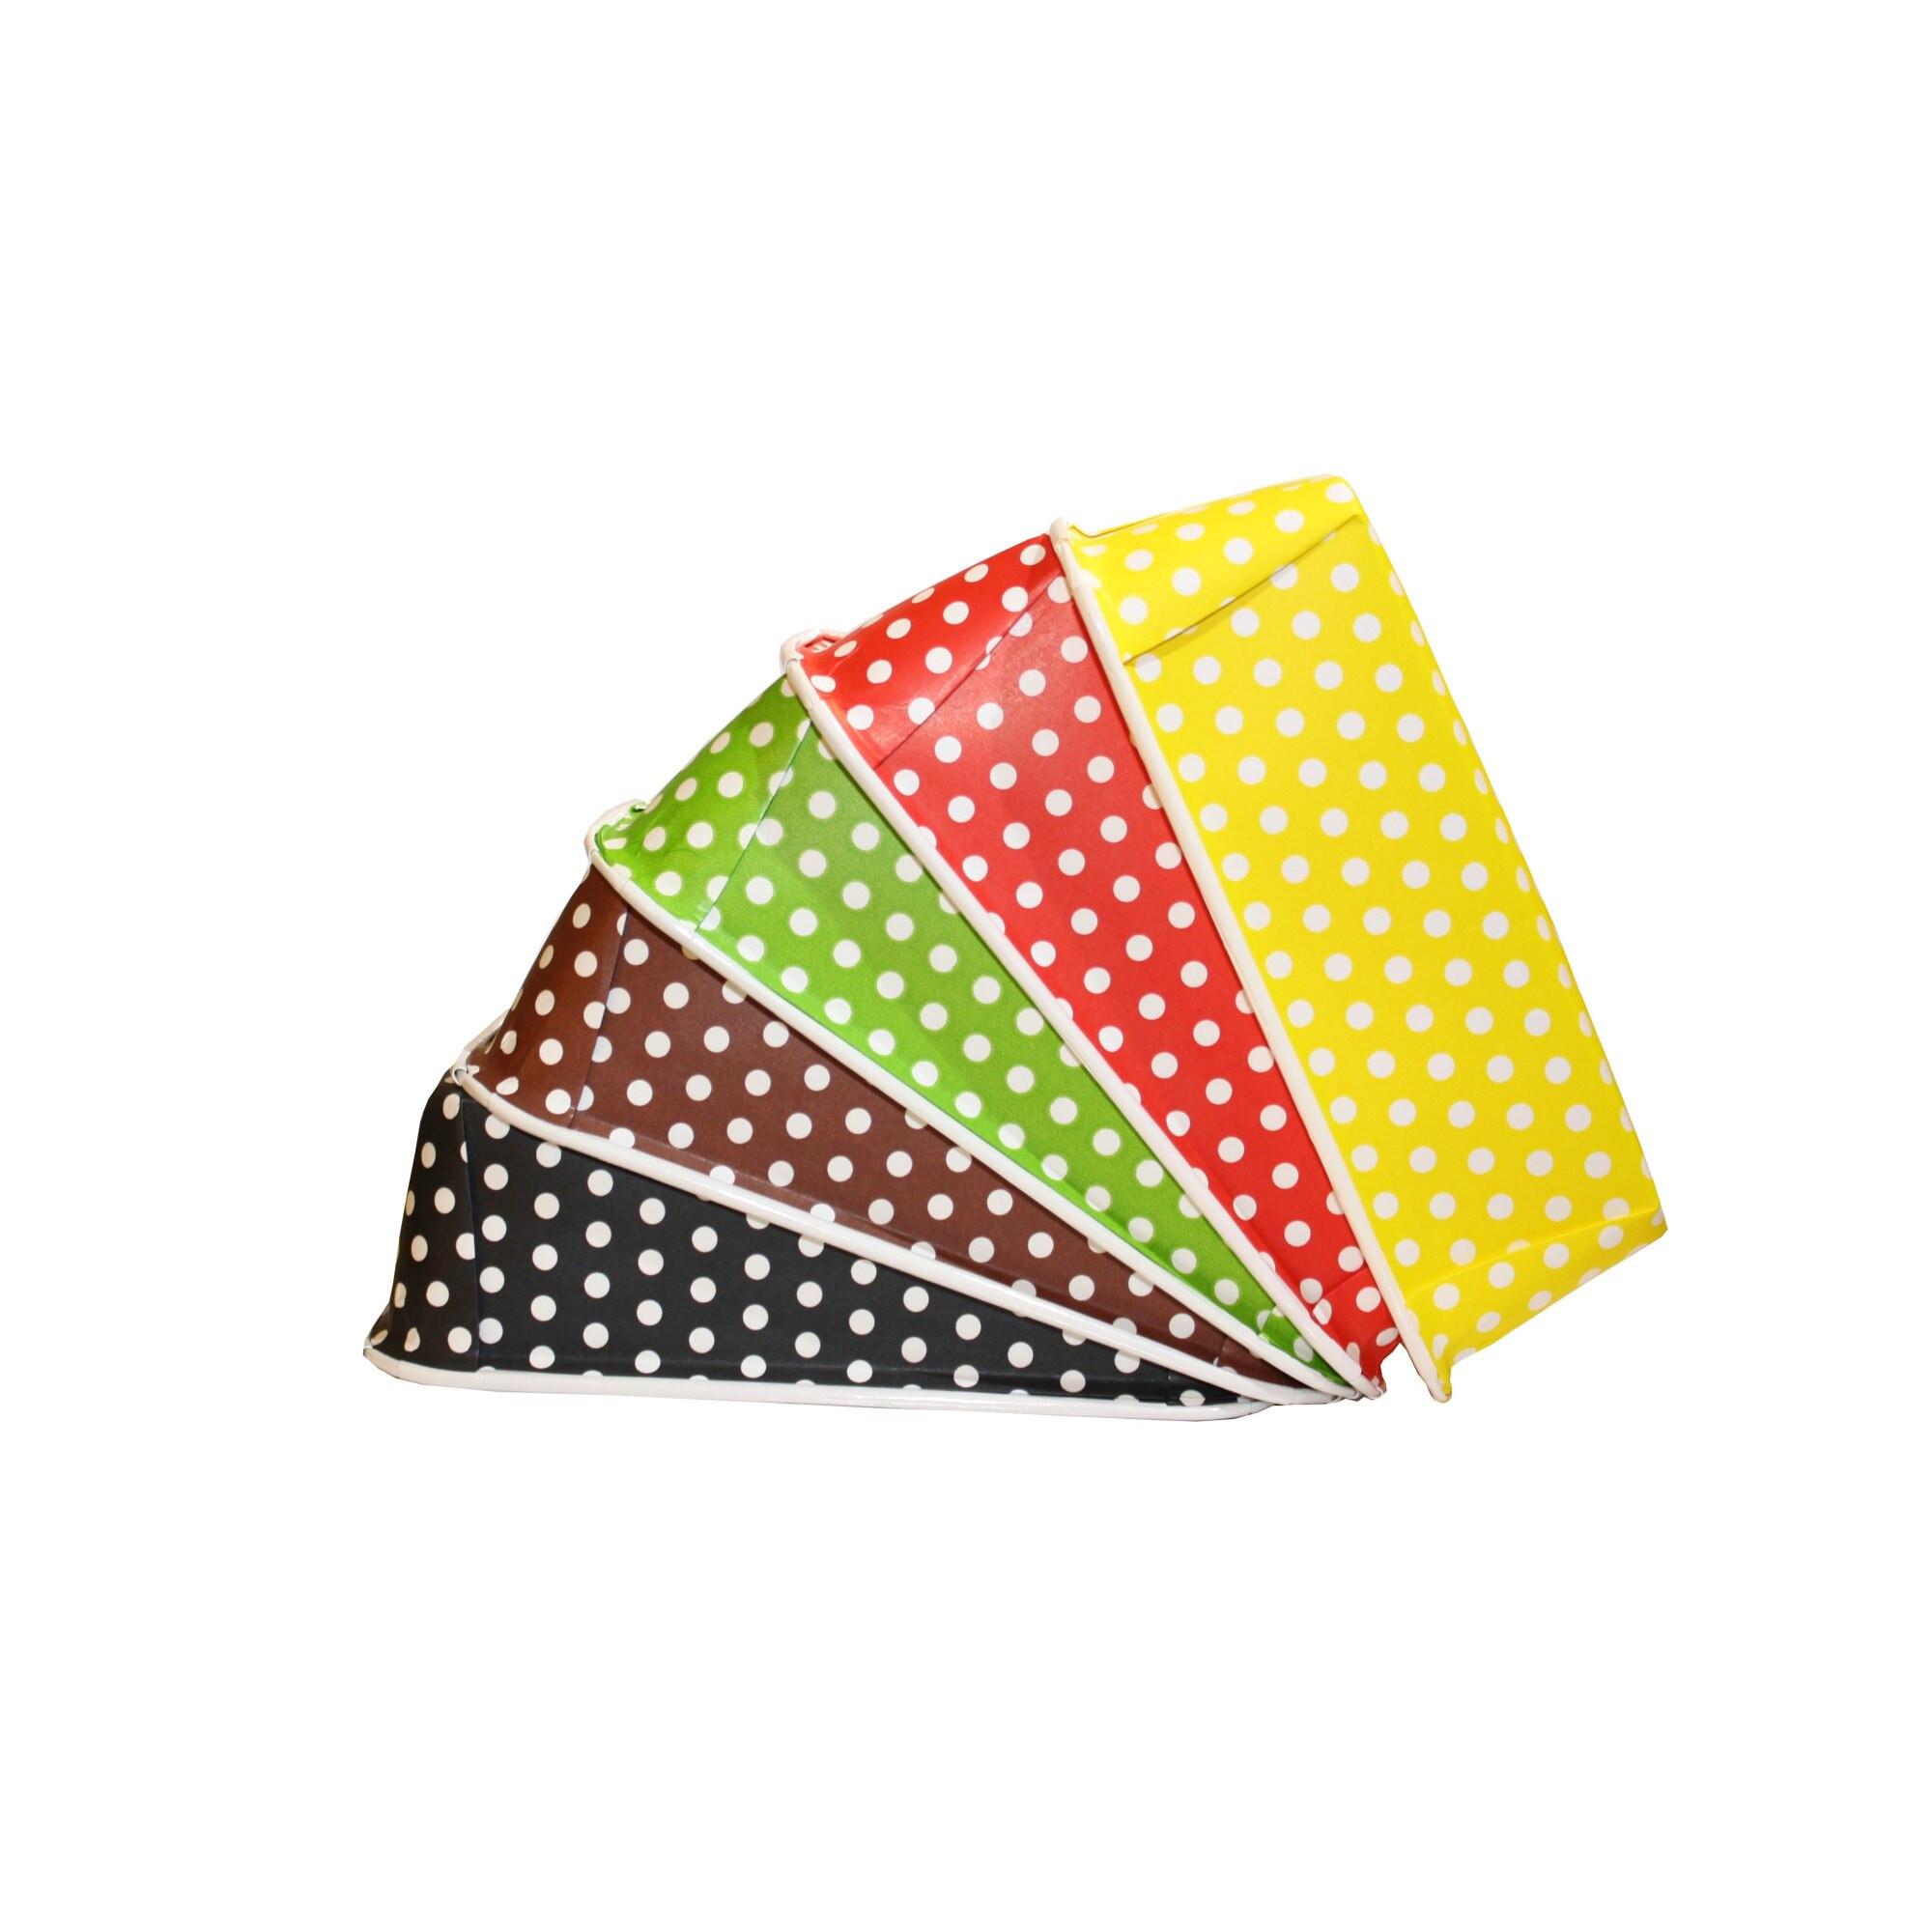 Forma din hartie BI-PLUM 300 5 culori Polka160x54  h 50 mm 50 buc 1FC01PL05SET_BND